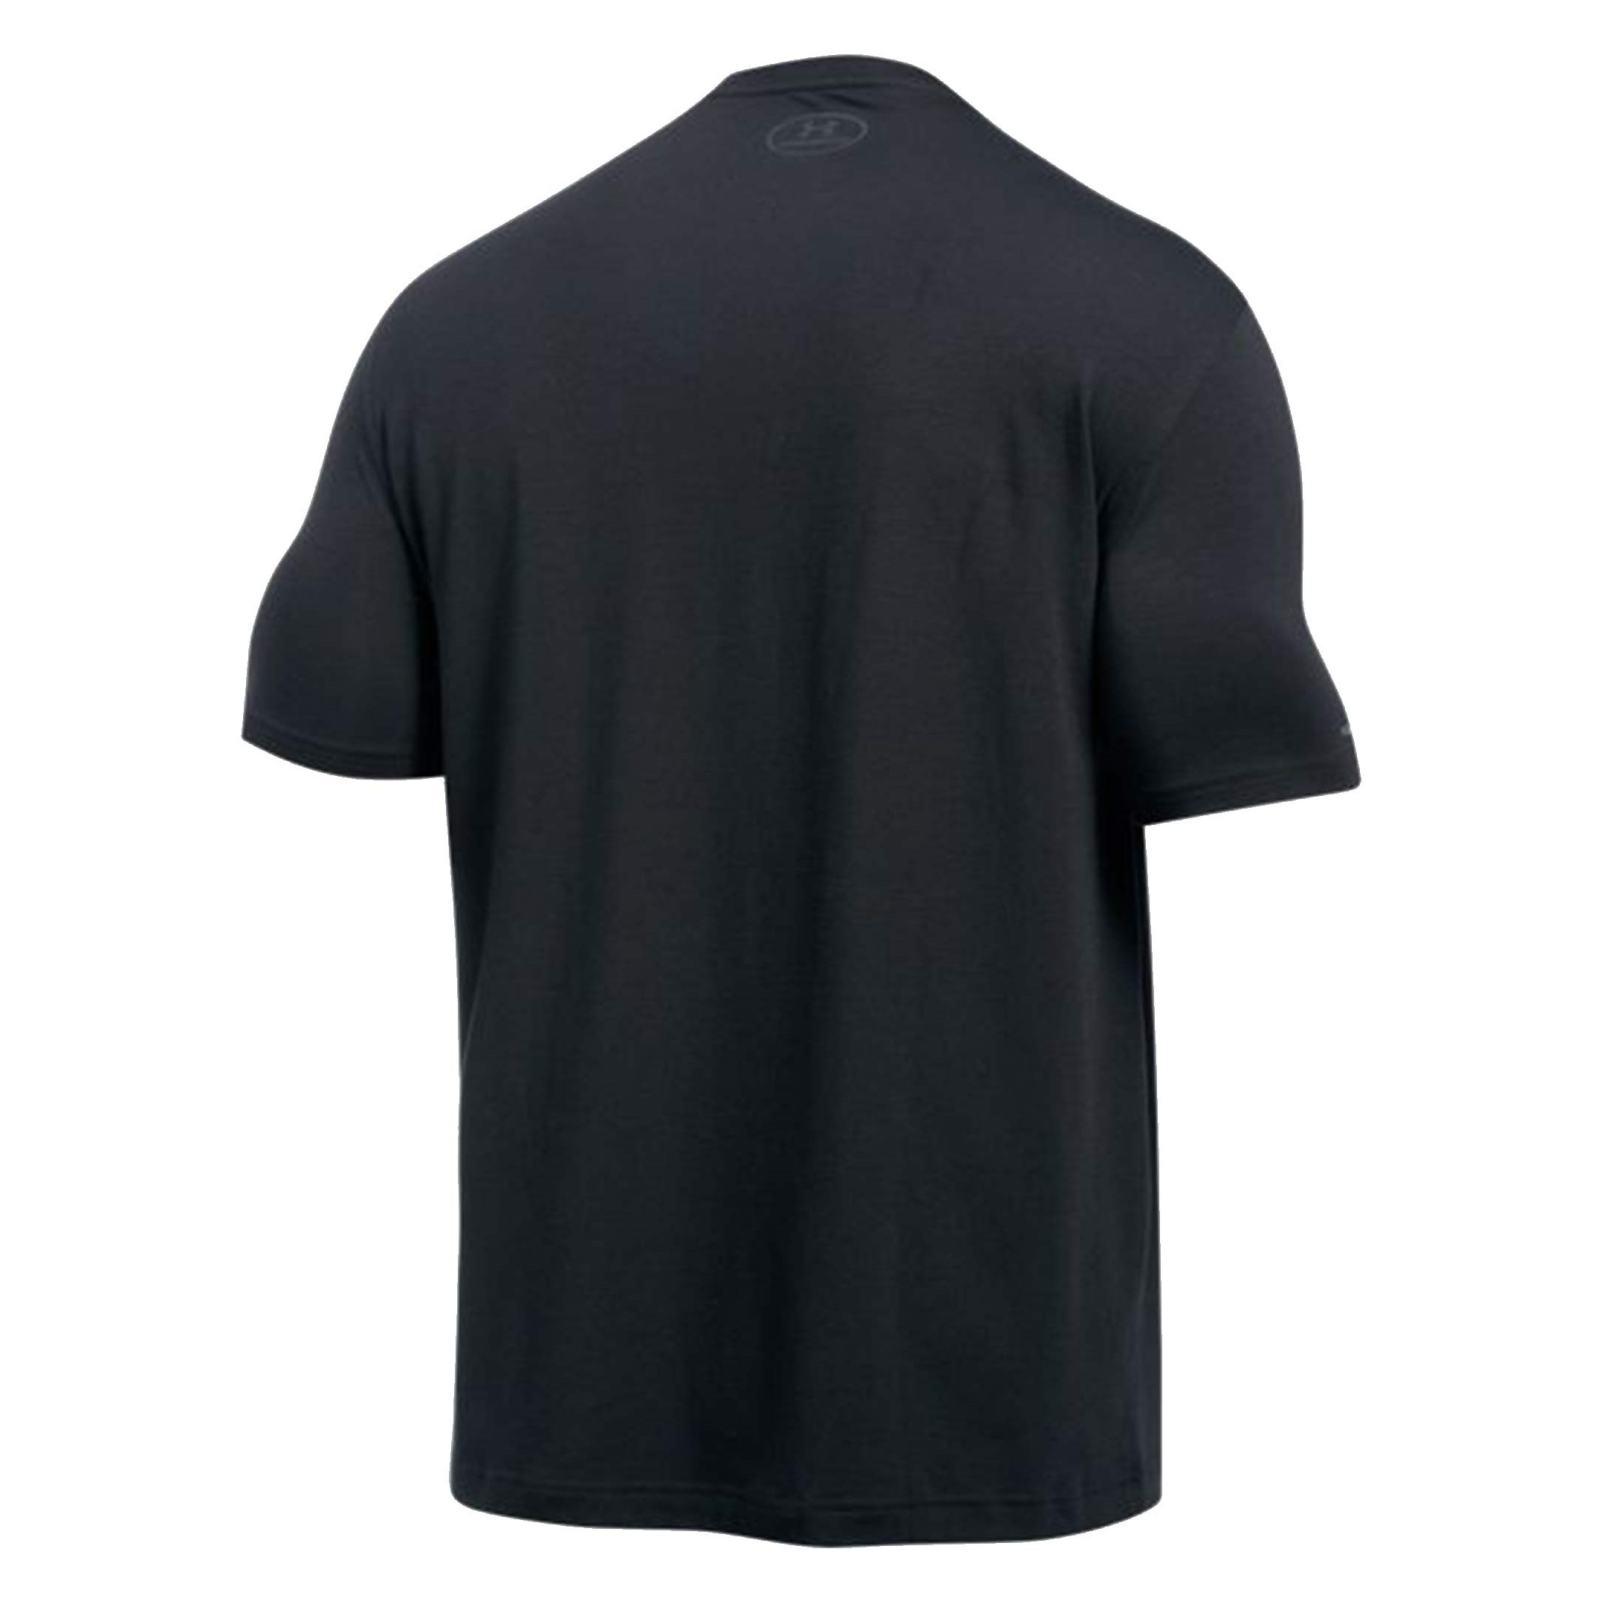 تی شرت نخی یقه گرد مردانه - آندر آرمور - طوسي و مشکي - 2